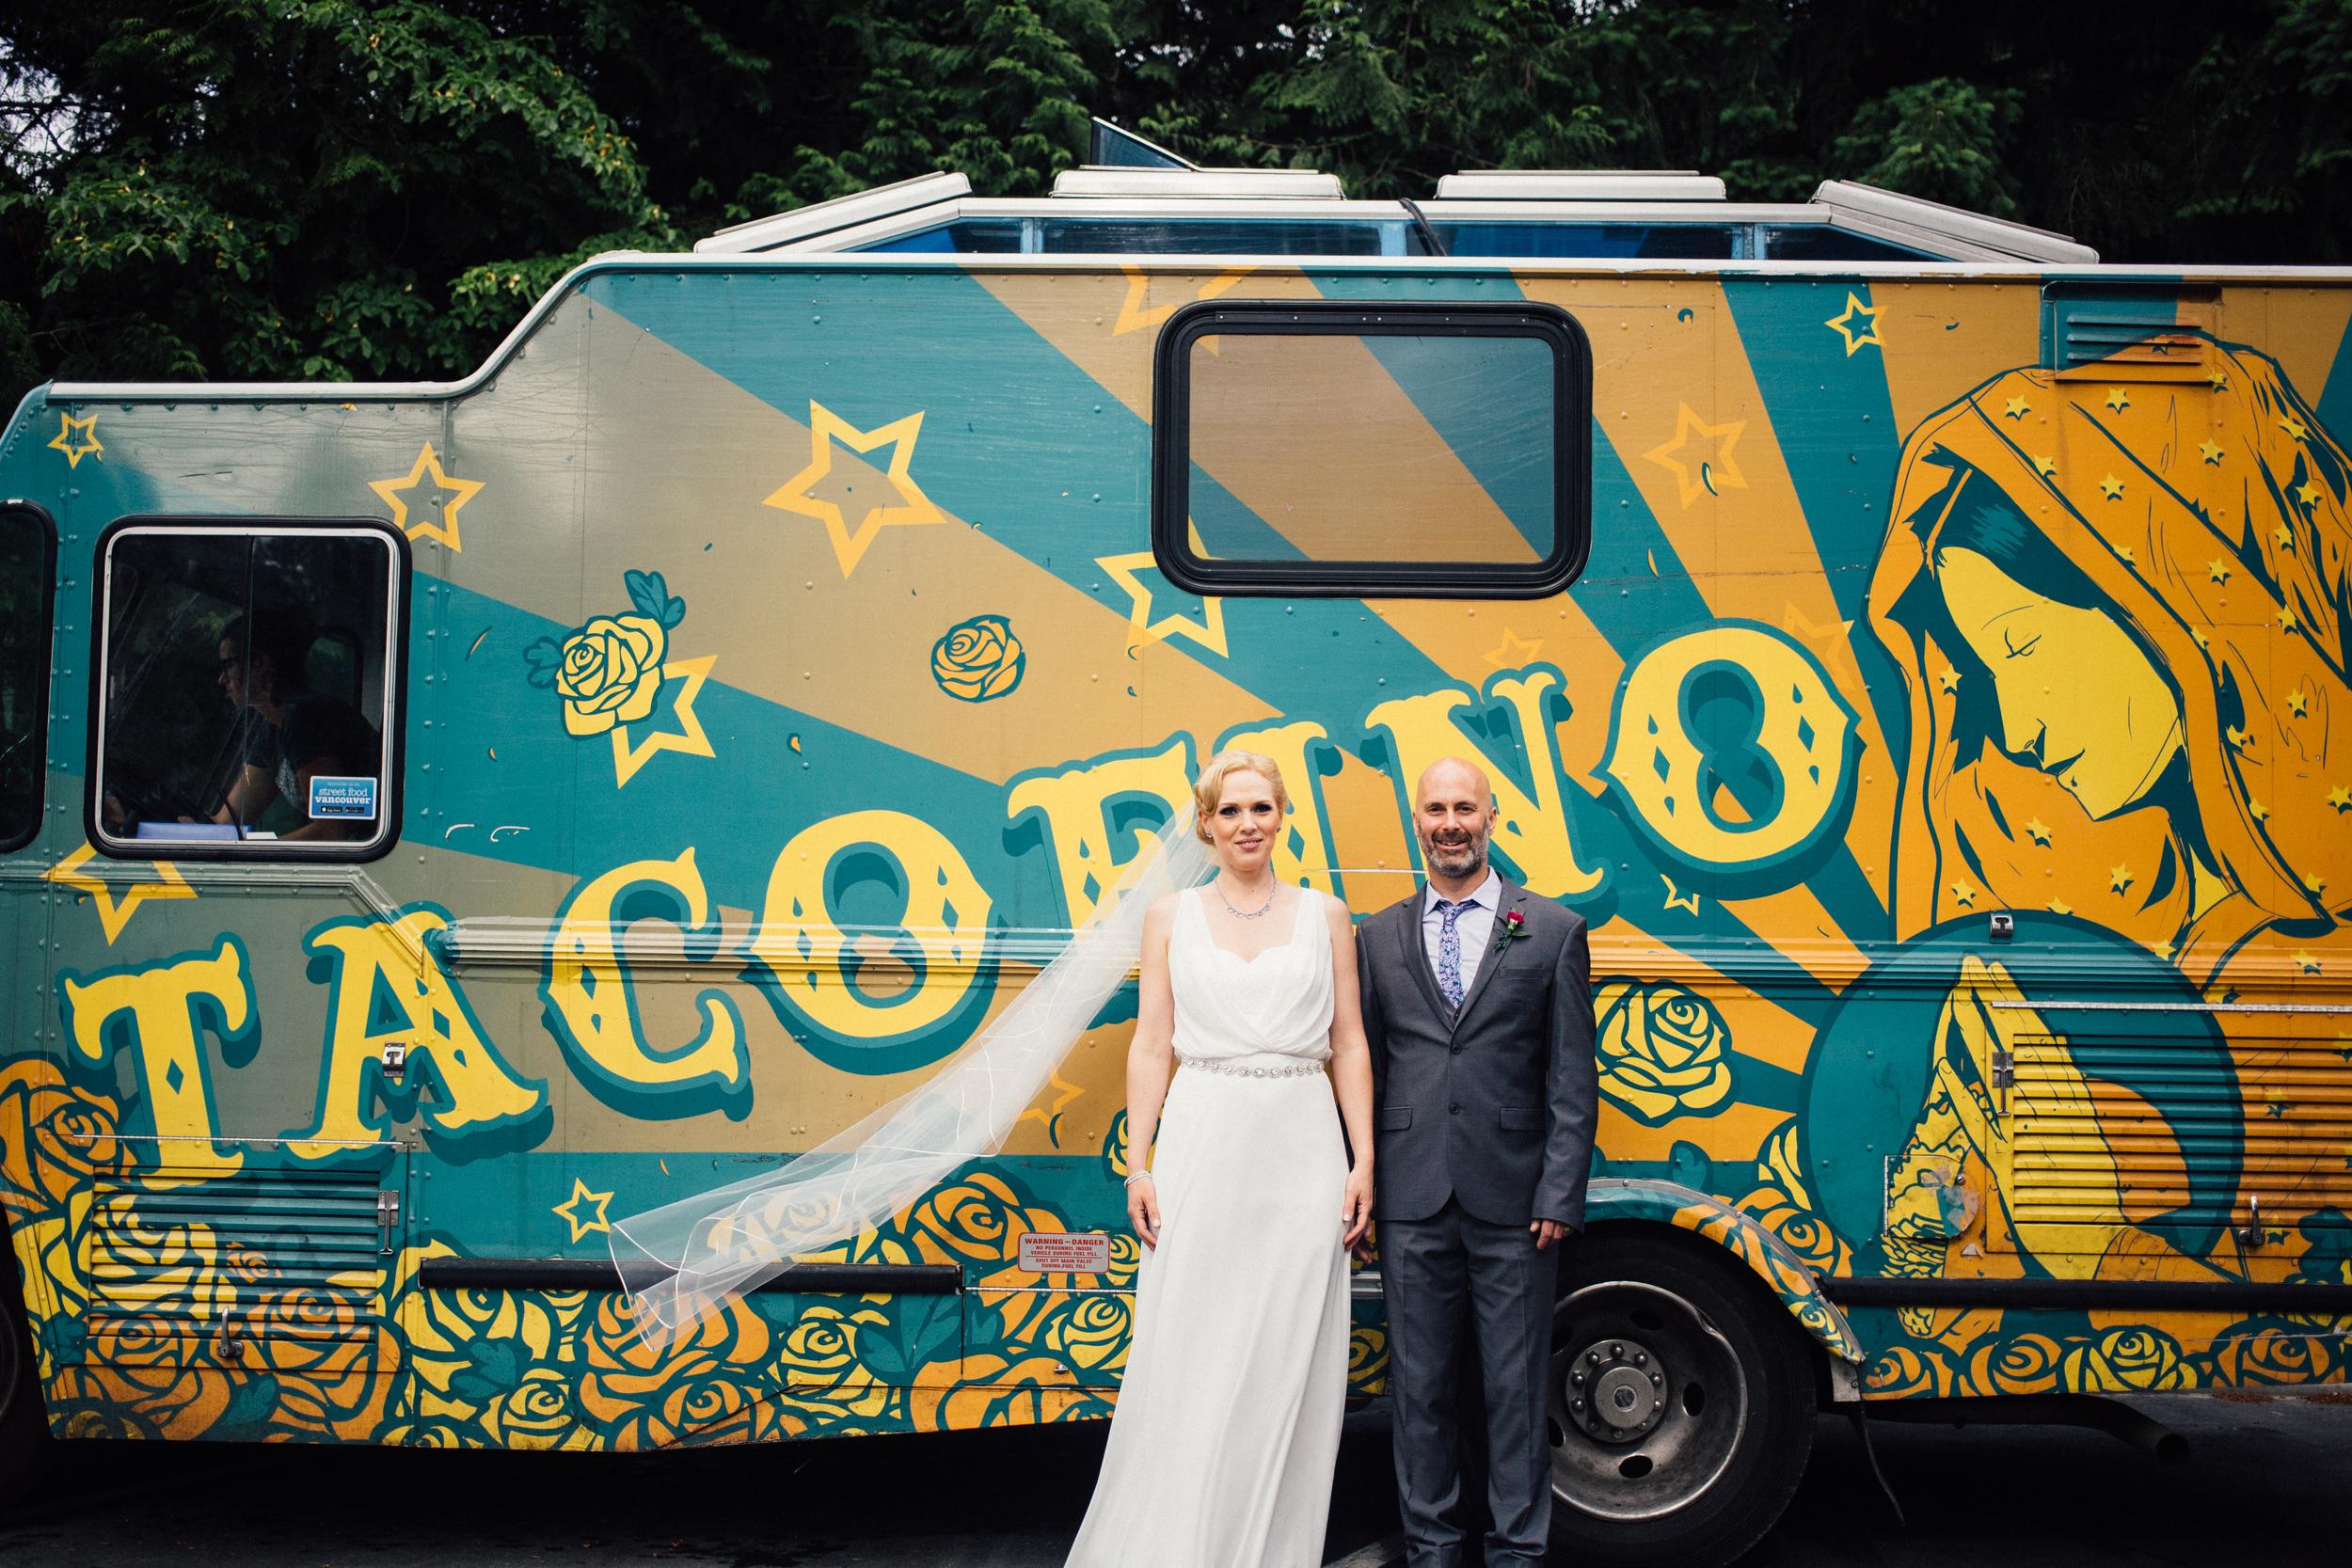 dogwoodphotography_photographer_vancouver_wedding_kimberley (156 of 180).jpg